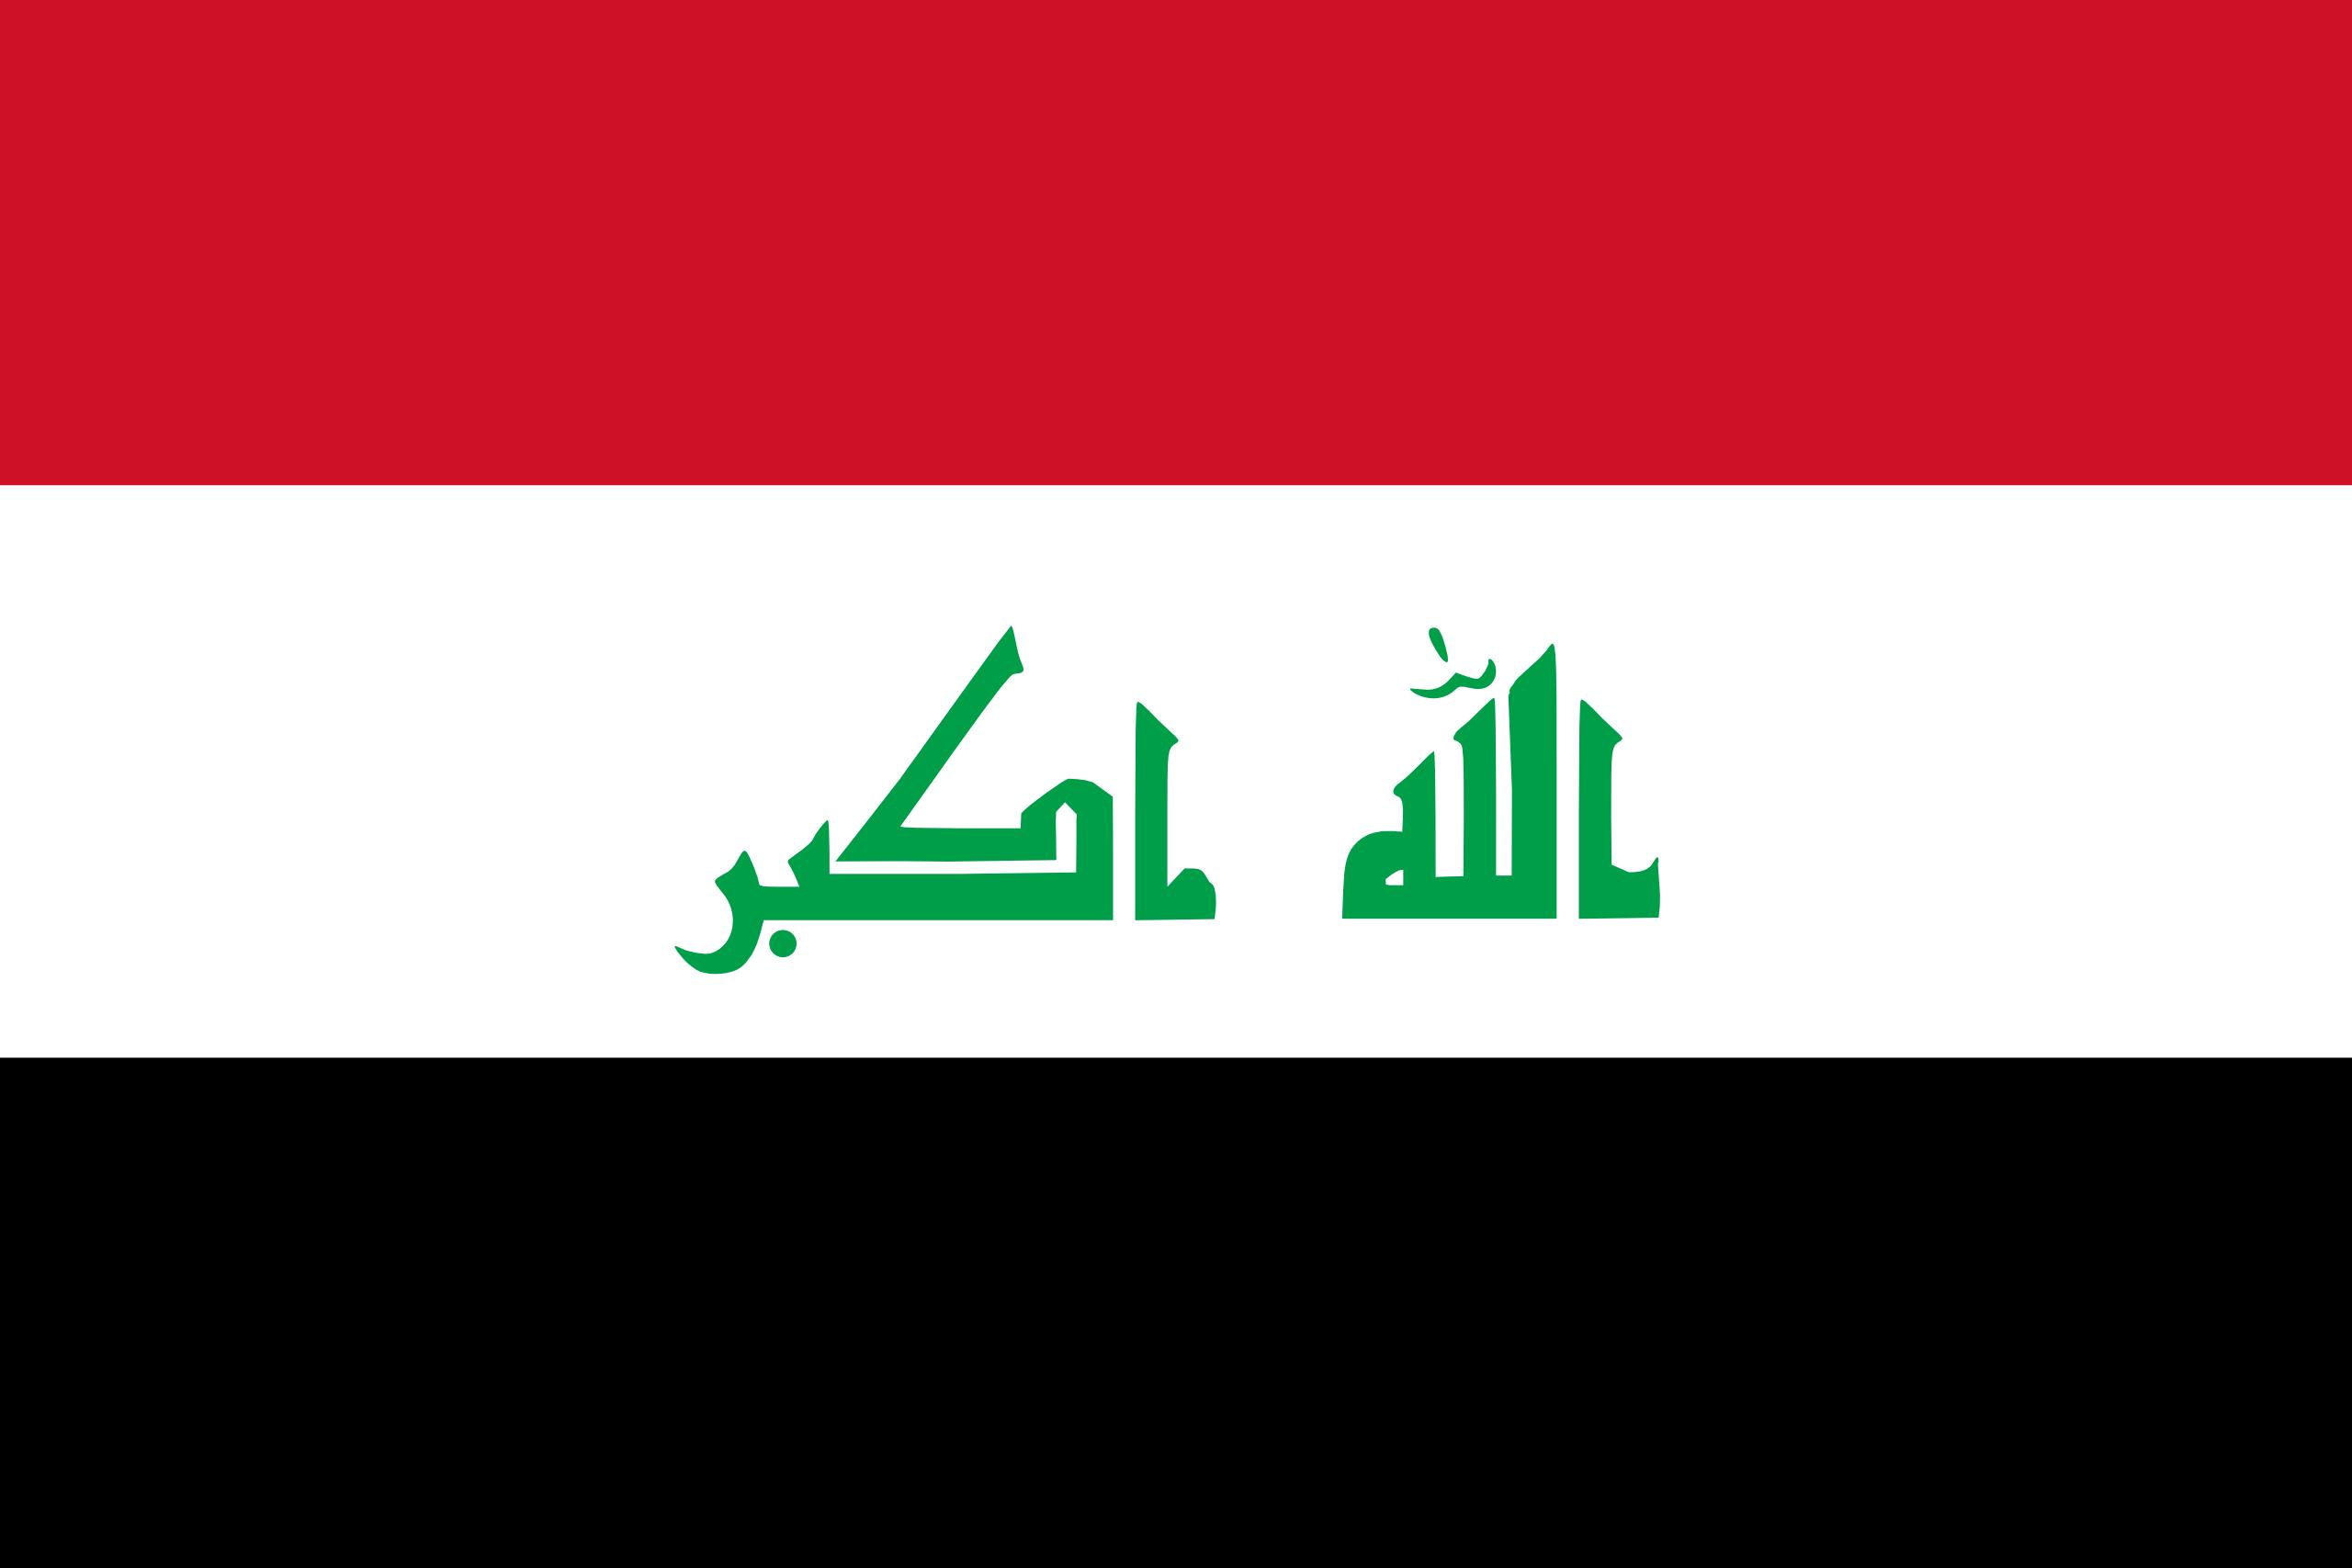 iraq, país, emblema, insignia, símbolo - Fondos de Pantalla HD - professor-falken.com